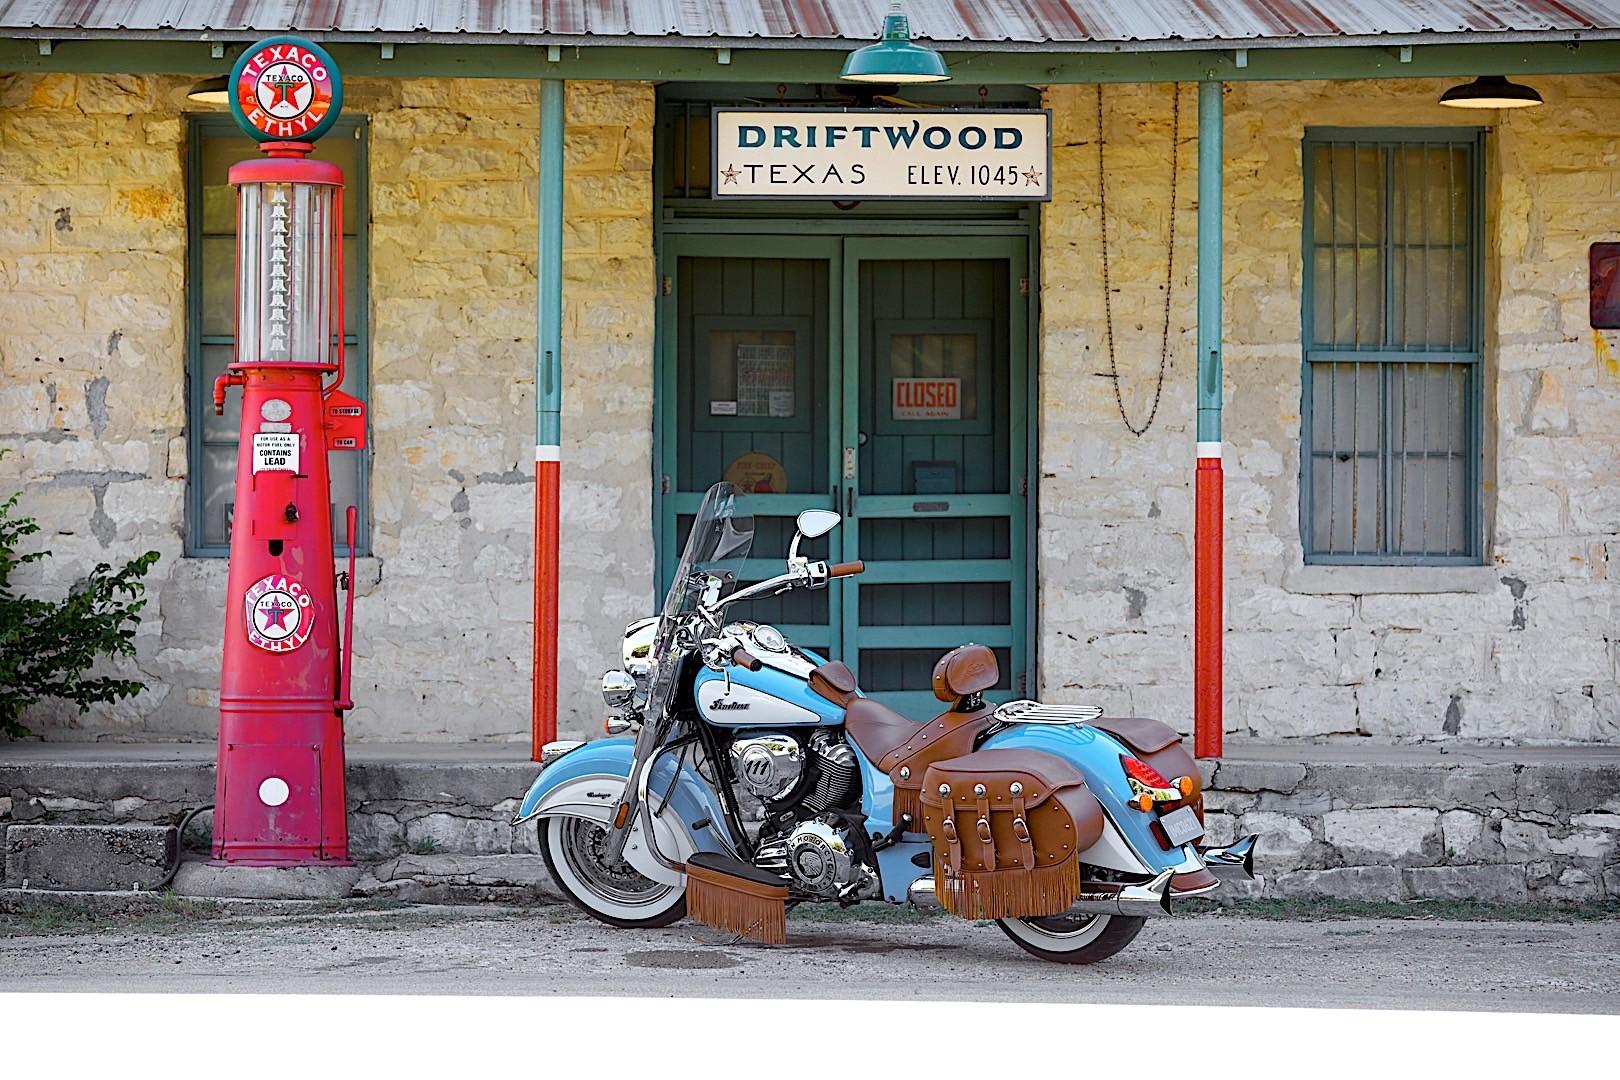 2018 motorcycle deals